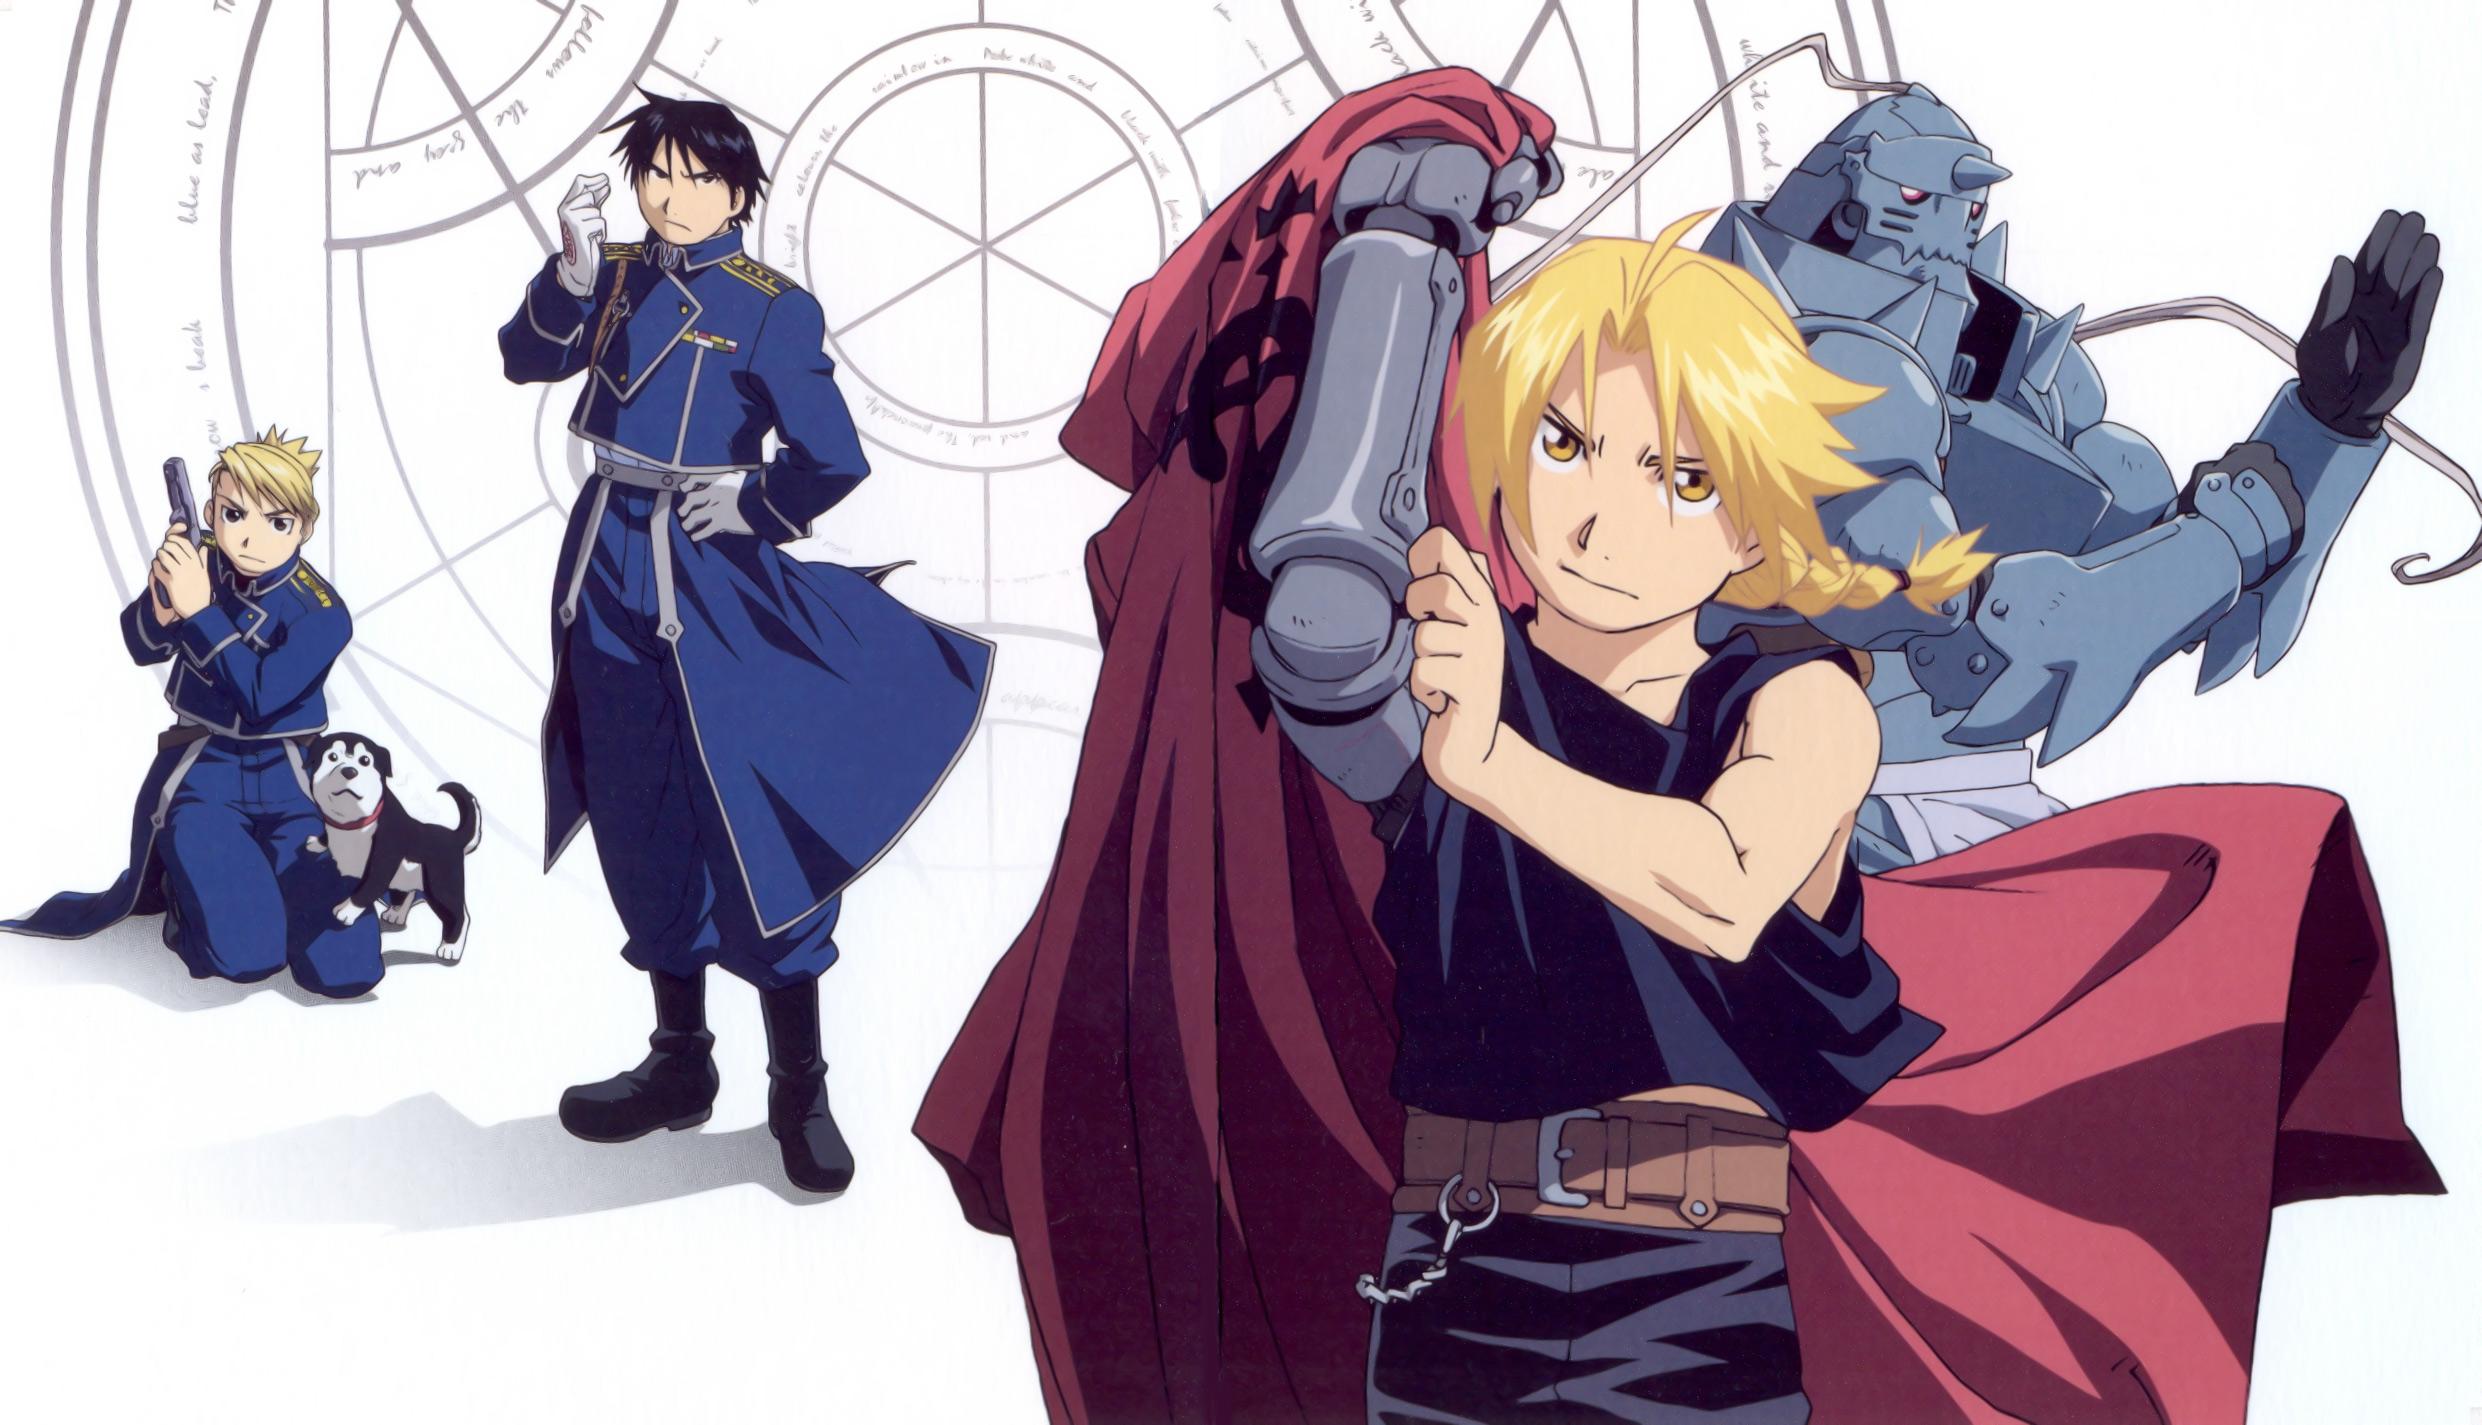 Fullmetal Alchemist Wallpapers Anime Hq Fullmetal Alchemist